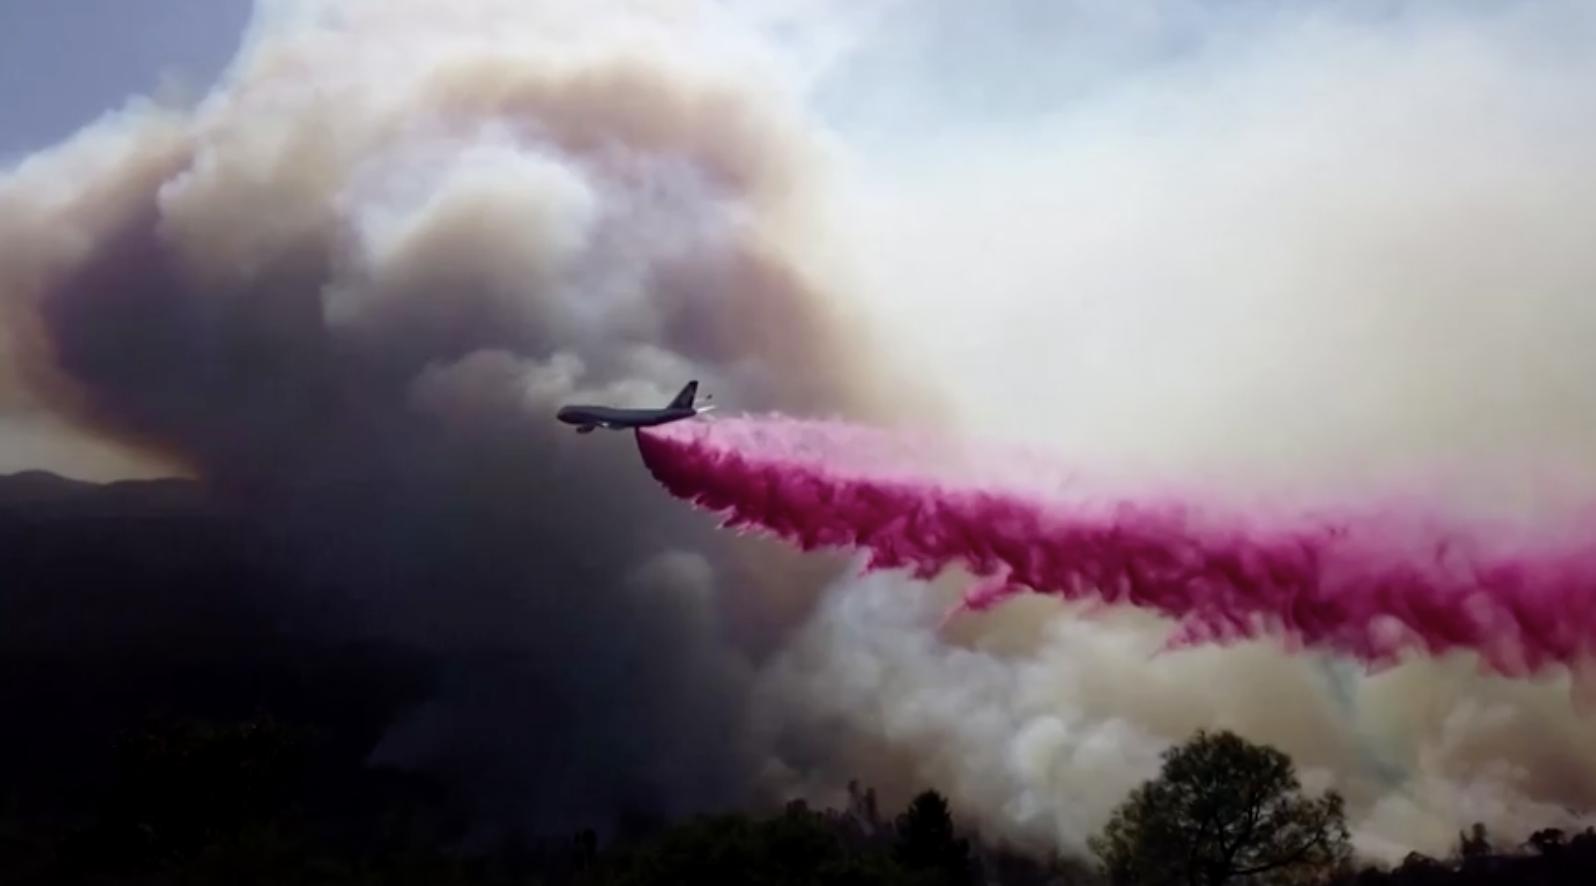 Chính quyền Tổng Thống Trump bất ngờ đổi ý và thông qua yêu cầu hỗ trợ cháy rừng của California